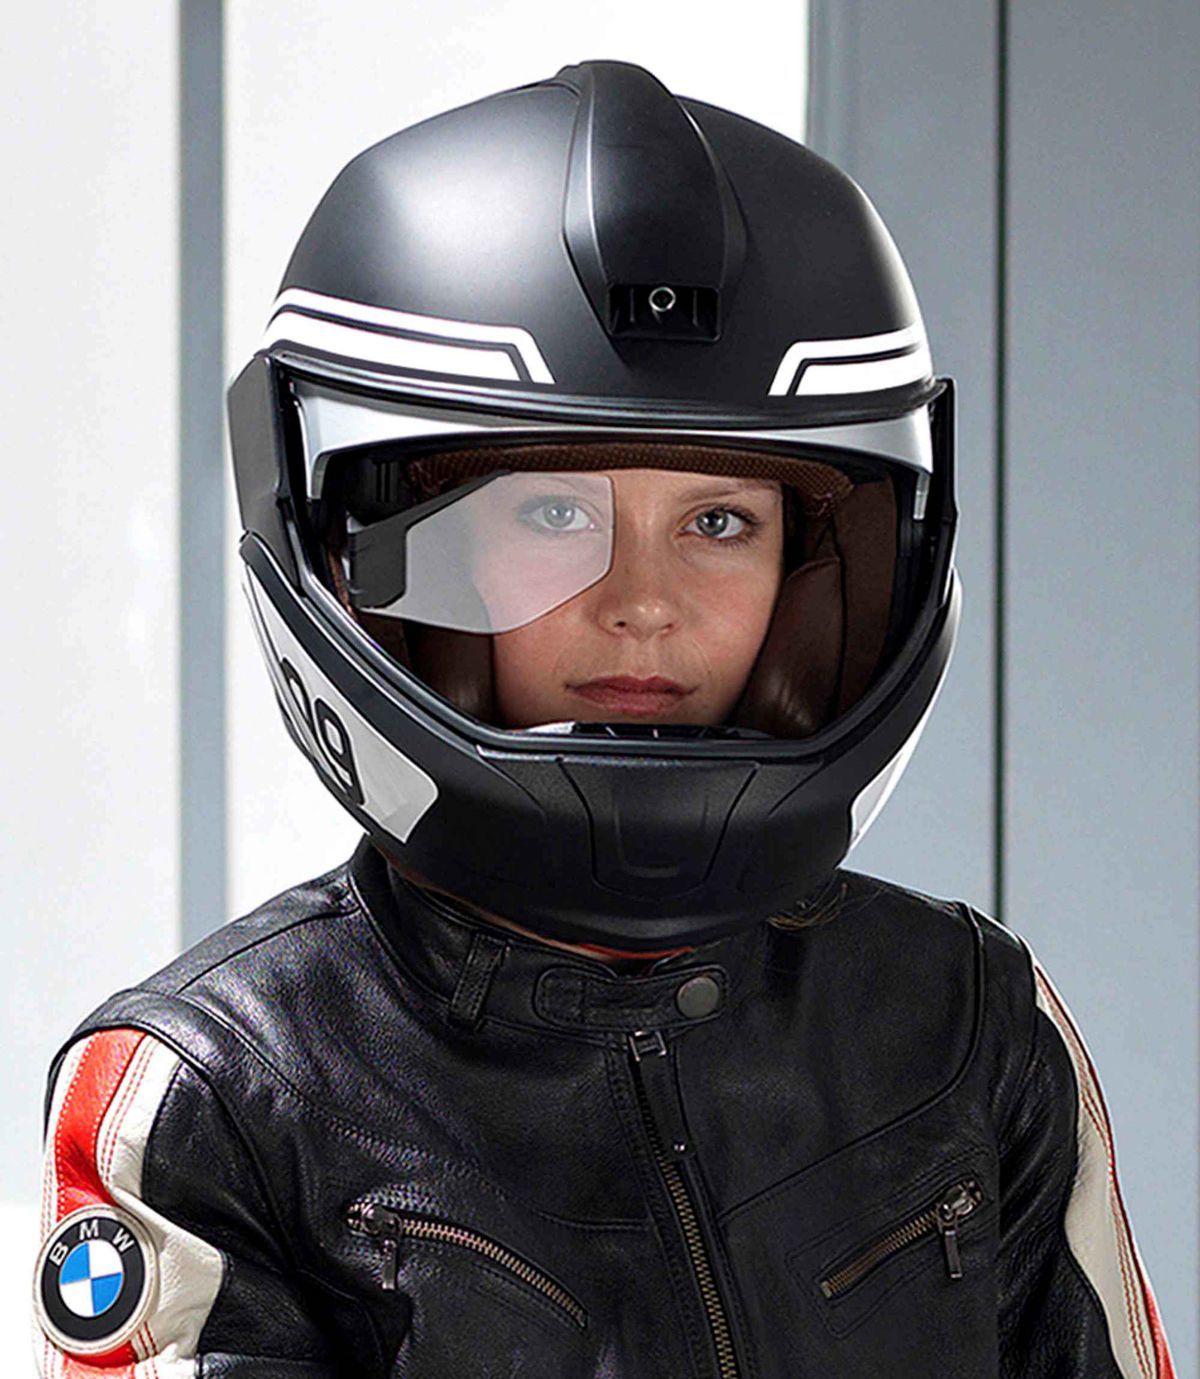 Na zobrazenie údajov využíva head-up displej sklíčko pred pravým okom jazdca.